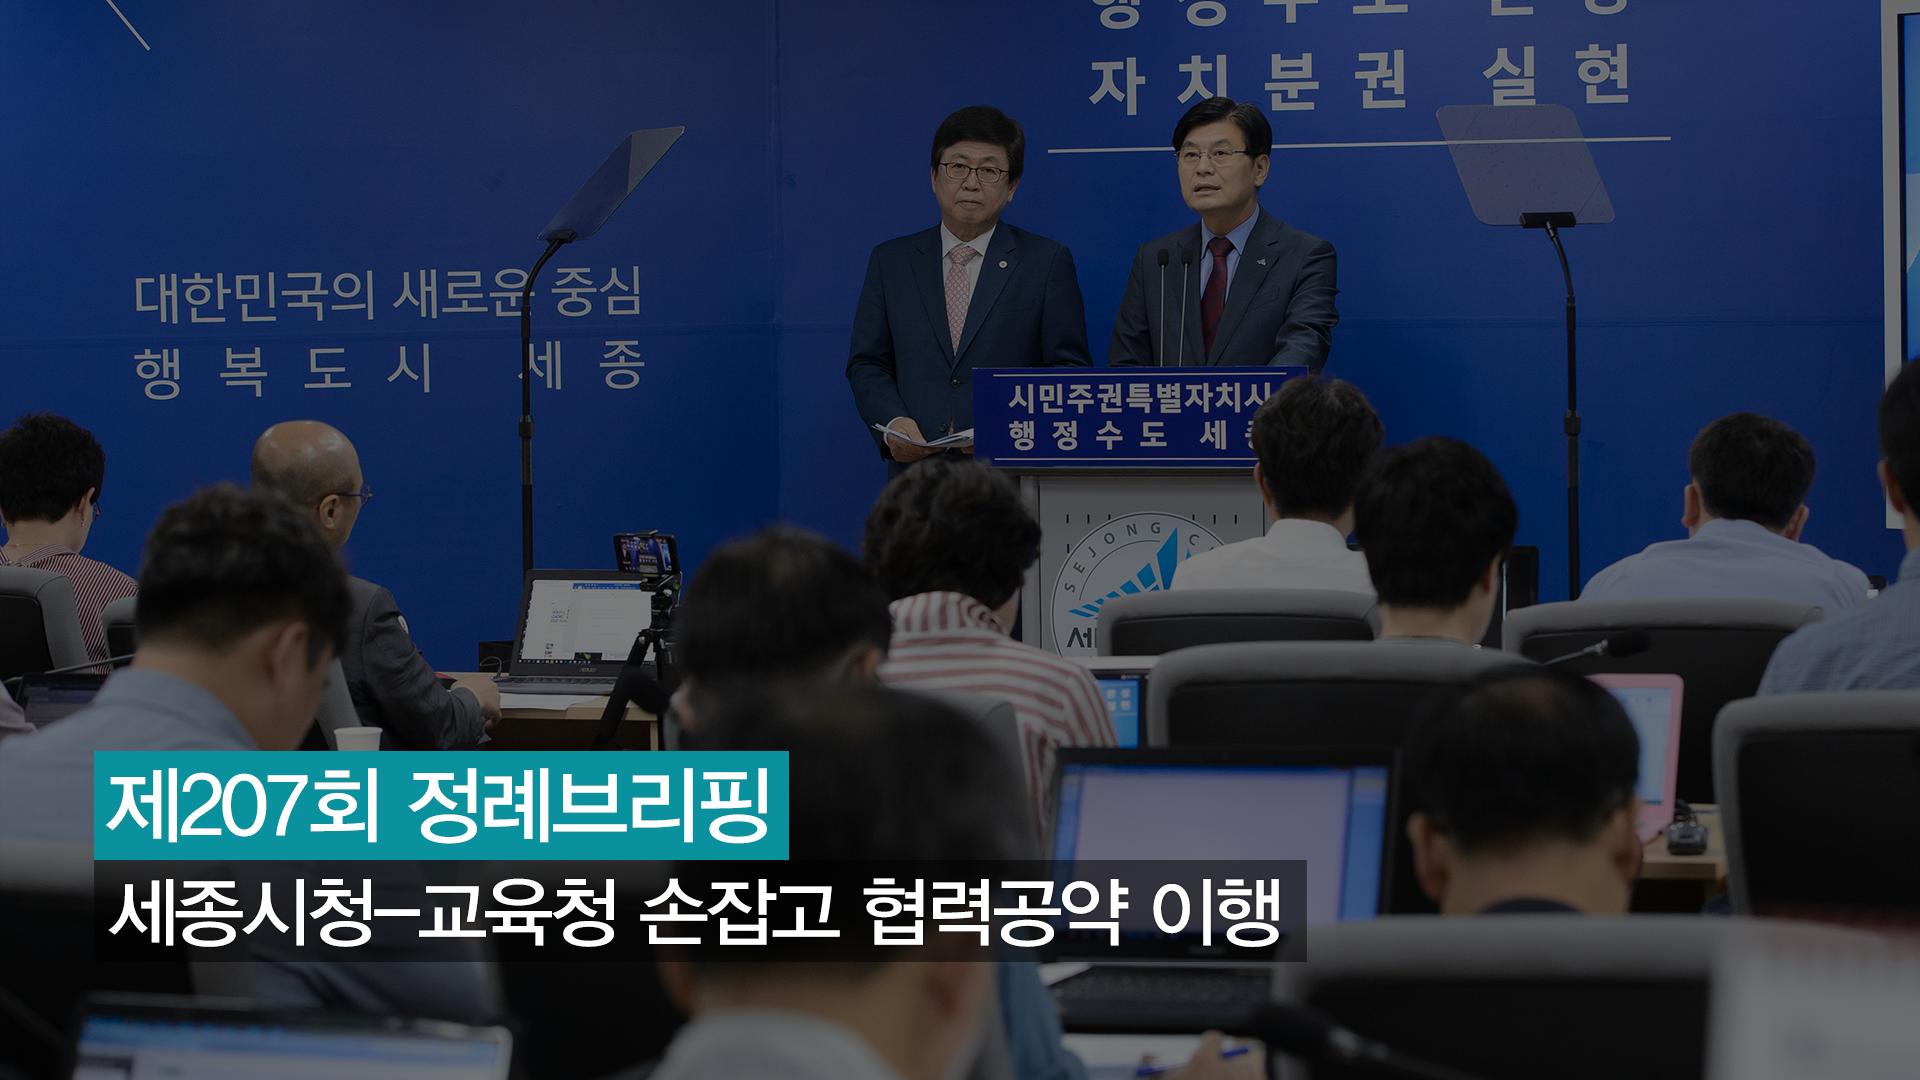 <207번째 정례브리핑> 세종시청-교육청 손잡고 협력공약 이행